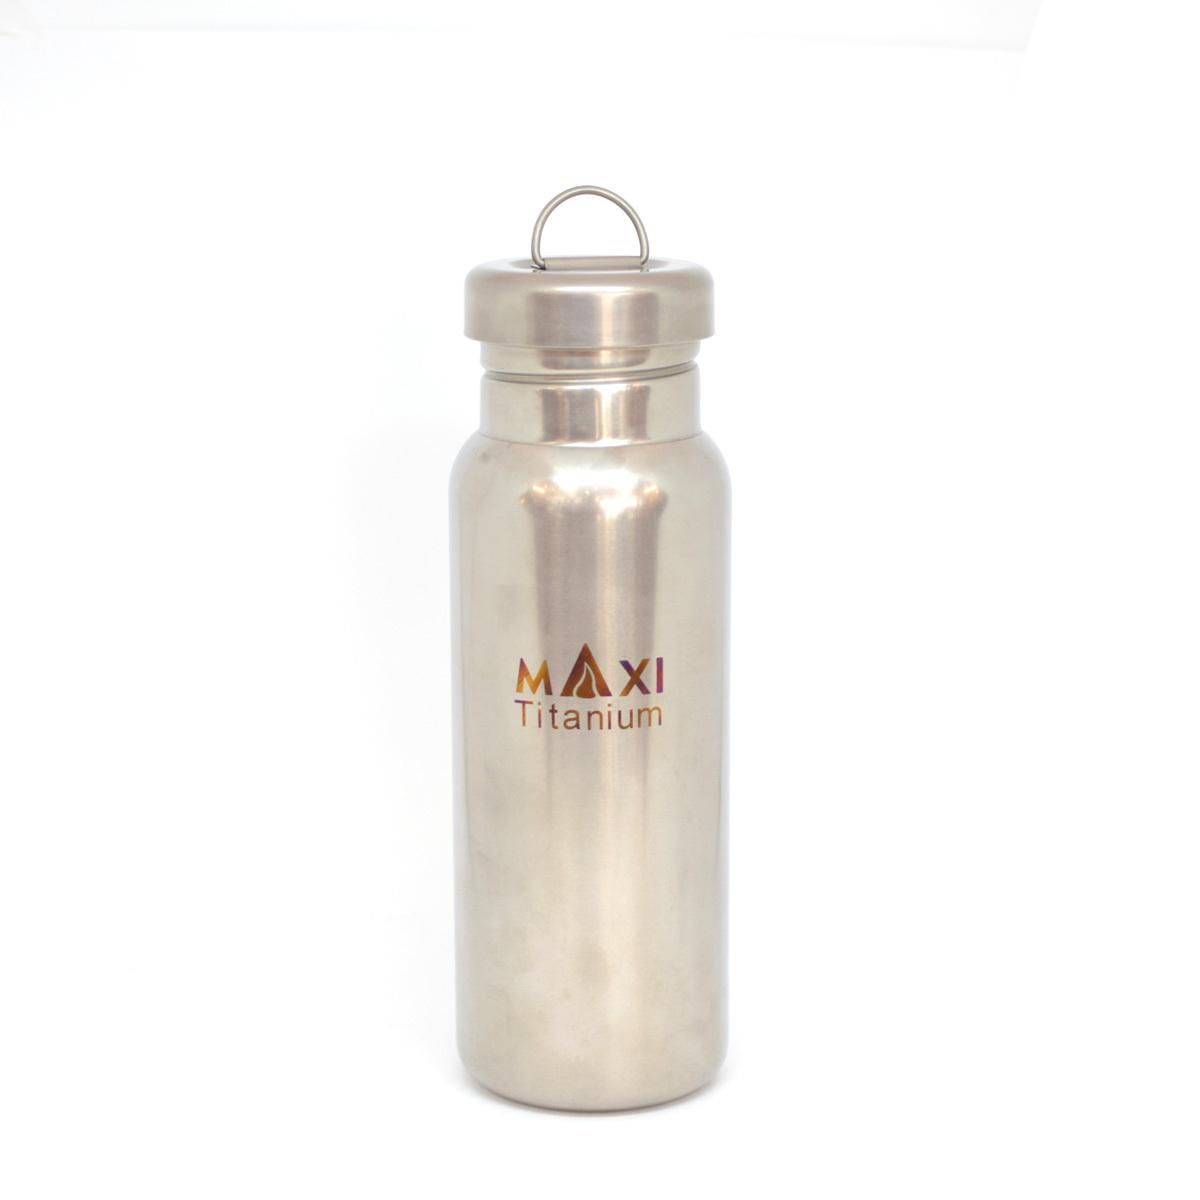 MAXI(マキシ)チタニウムボトル 800ml チタンボトル